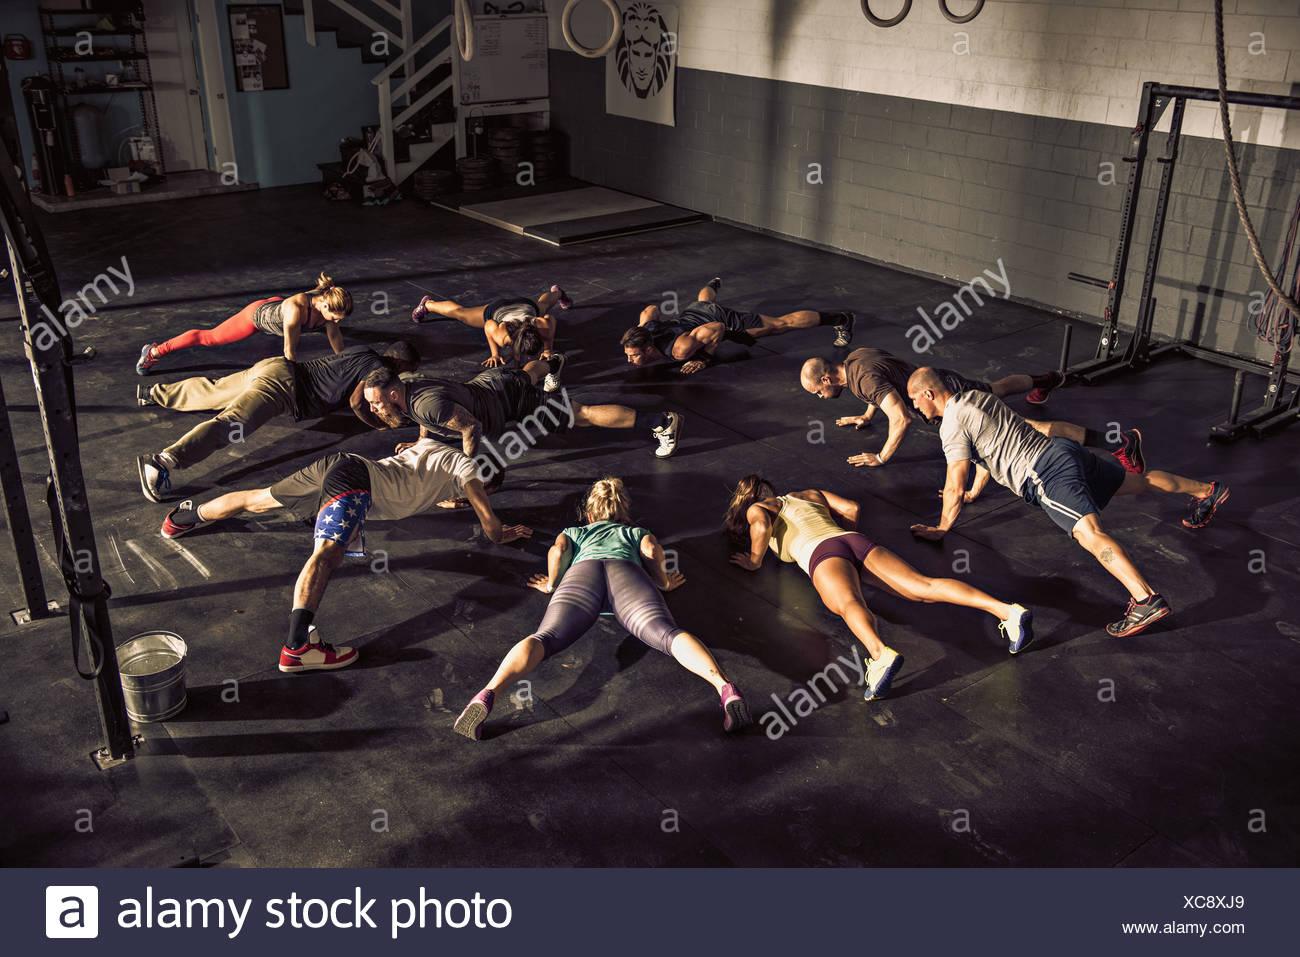 Cours de conditionnement physique formation ensemble dans une salle de sport Photo Stock